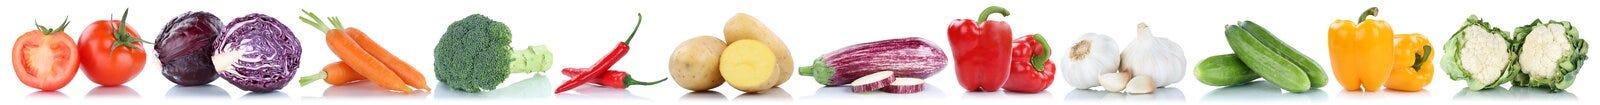 Λαχανικών καρότων φρέσκες ντομάτες πατατών τροφίμων φυτικές caulif Στοκ εικόνες με δικαίωμα ελεύθερης χρήσης